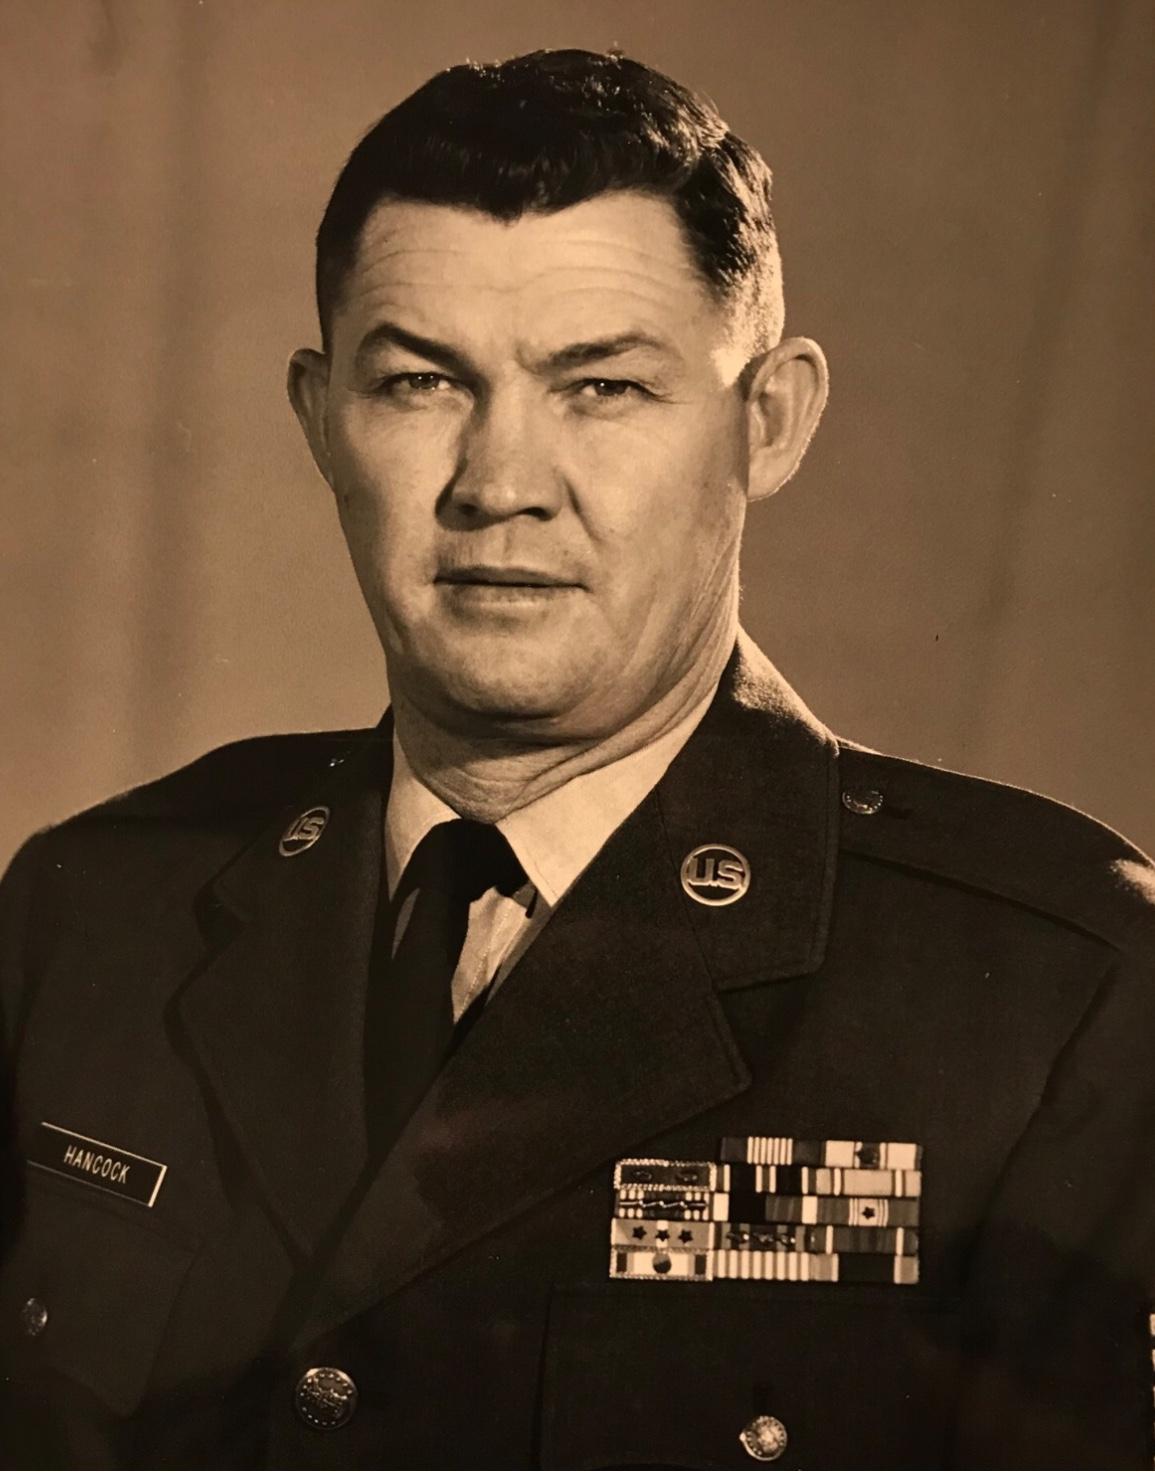 Herbert Andrew Hancock